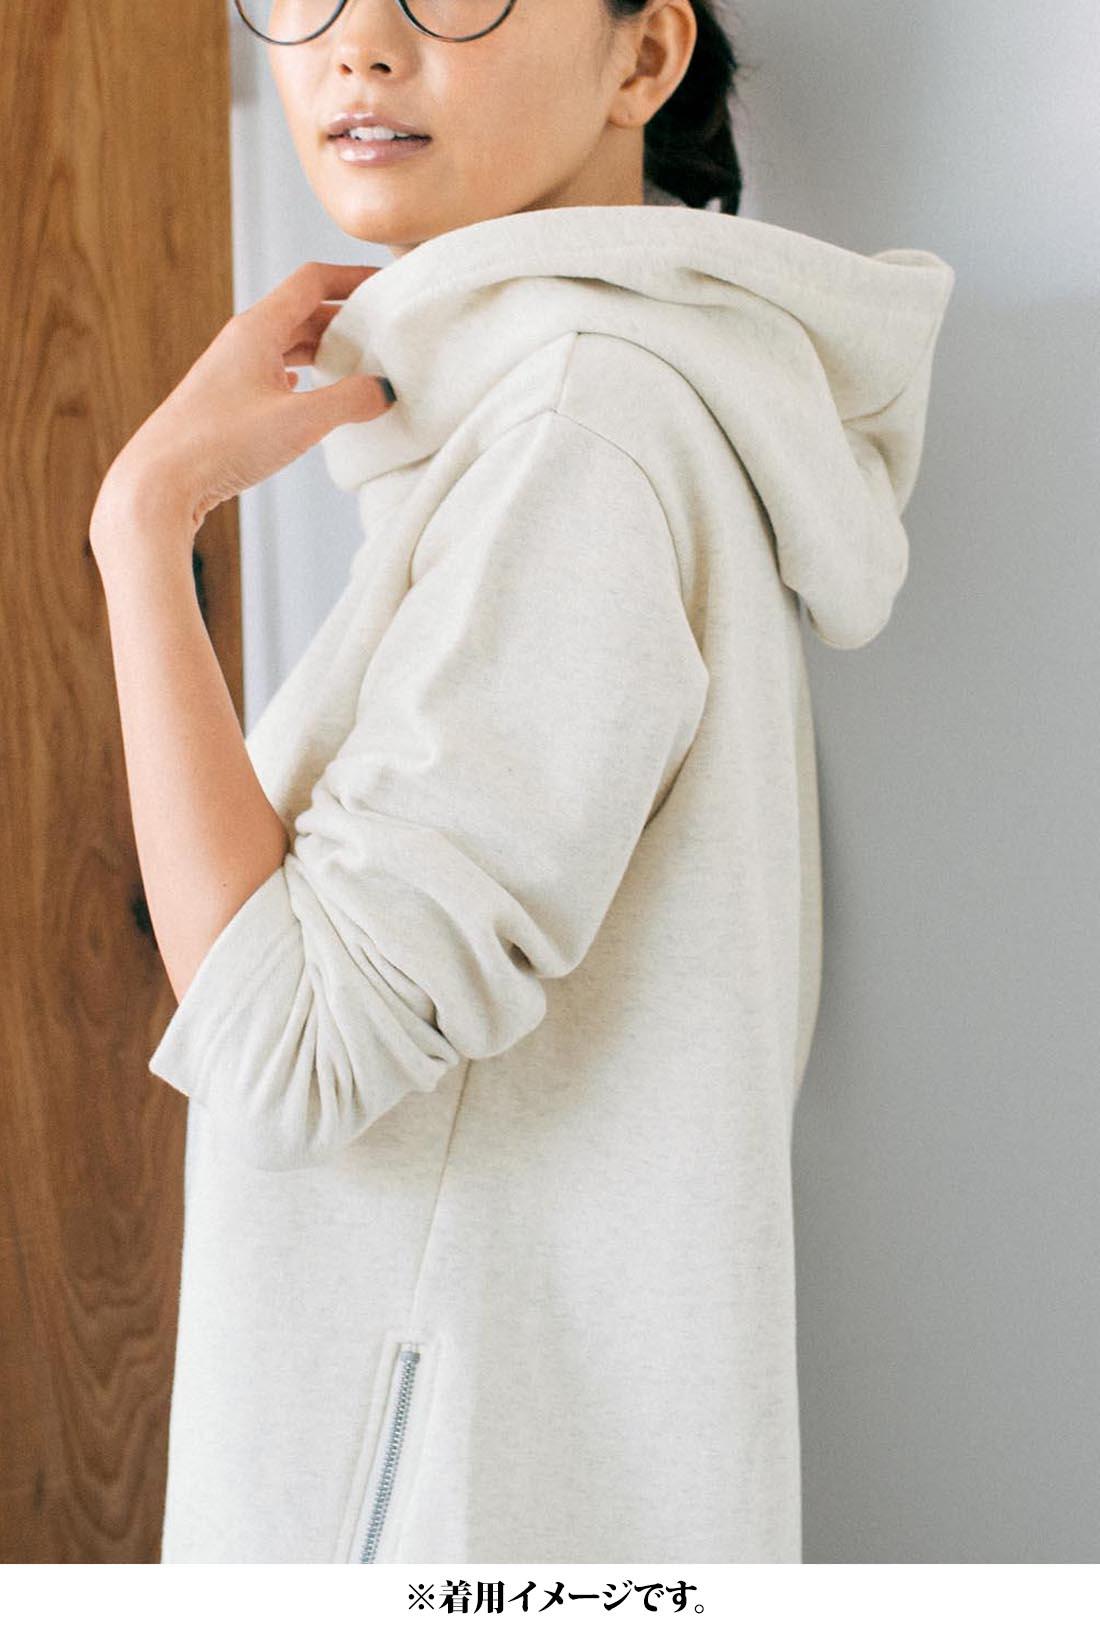 これは参考画像です。衿高+二枚仕立てフードのボリューム感が「着るだけで、おしゃれな印象」になれるポイント。小顔見え効果も。